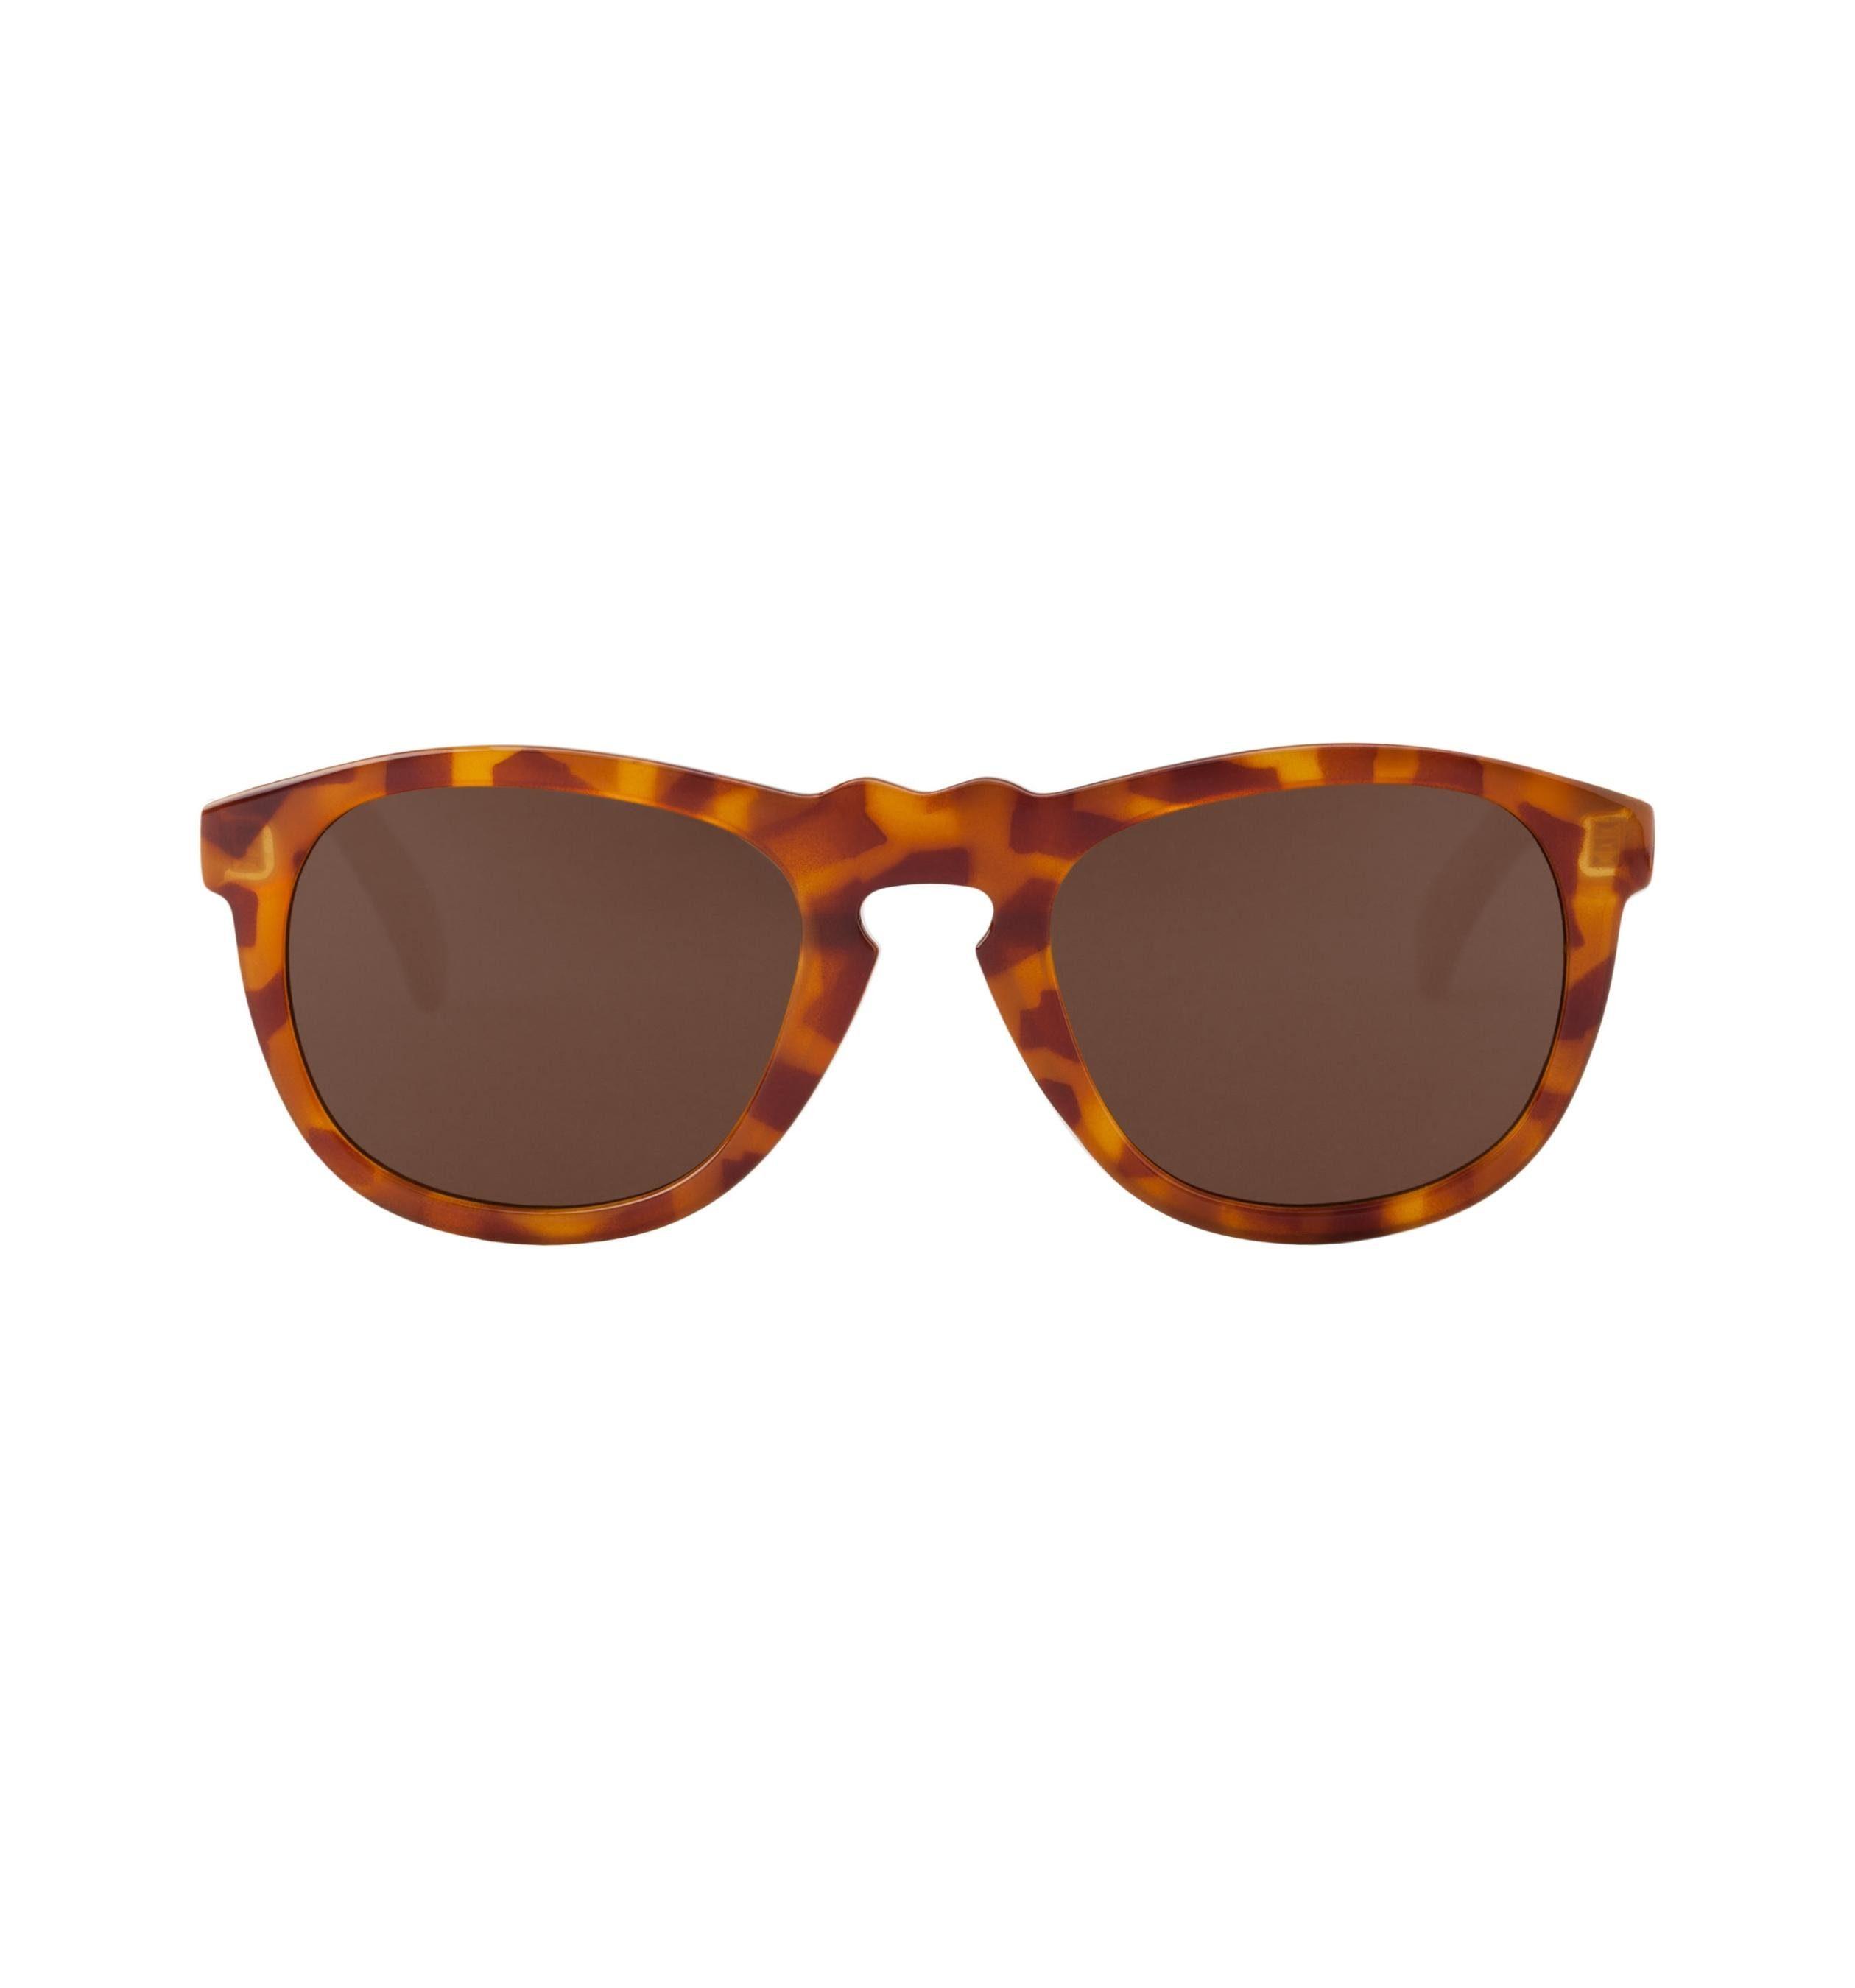 Mr. Boho Sonnenbrille »Leo Tortoise Williamsburg mit klassischen Gläsern«